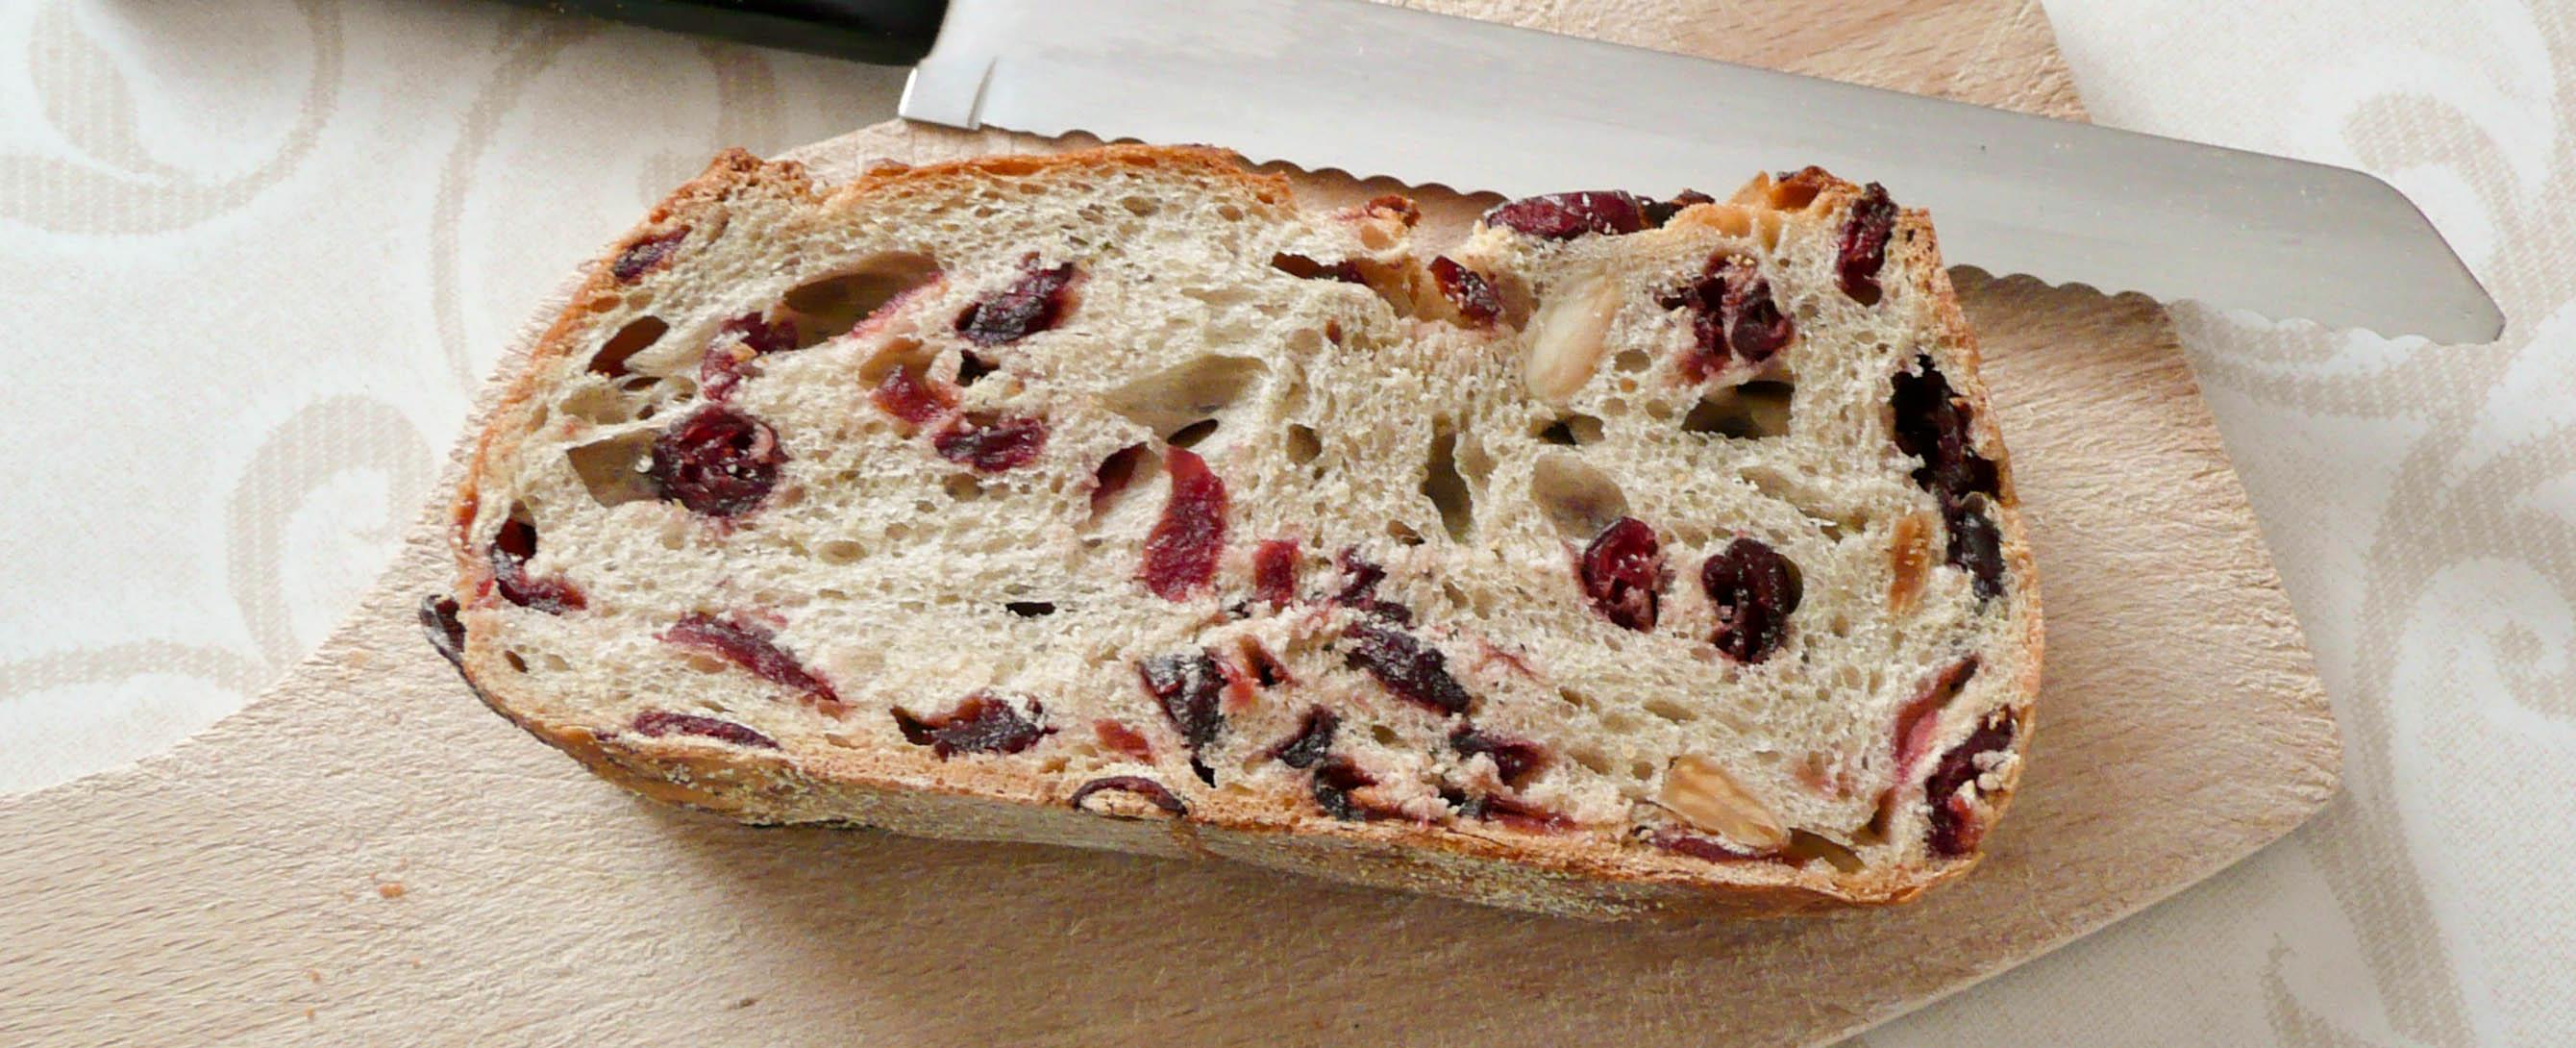 pain du jour pain cranberries amandes gontran cherrier paris 18 painrisien. Black Bedroom Furniture Sets. Home Design Ideas